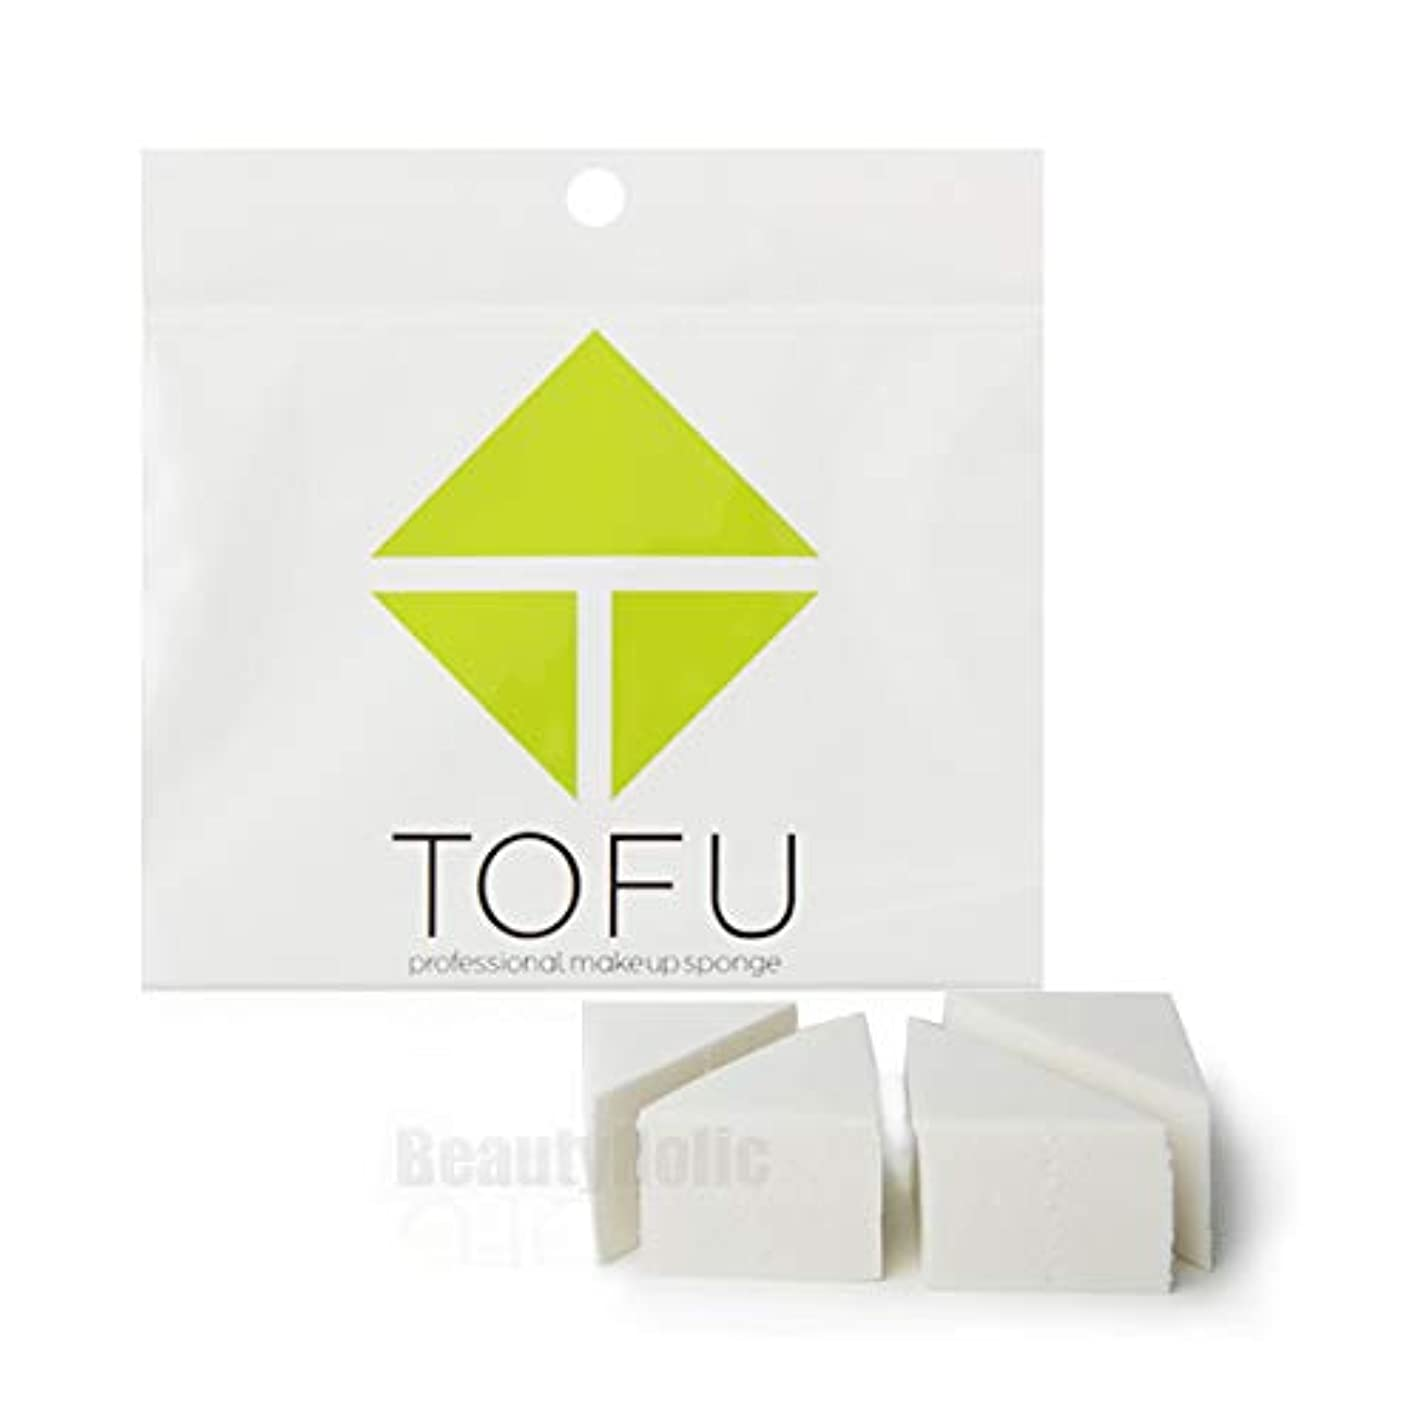 外交官リボン広告主TOFUプロフェッショナル メイクアップスポンジ Re: